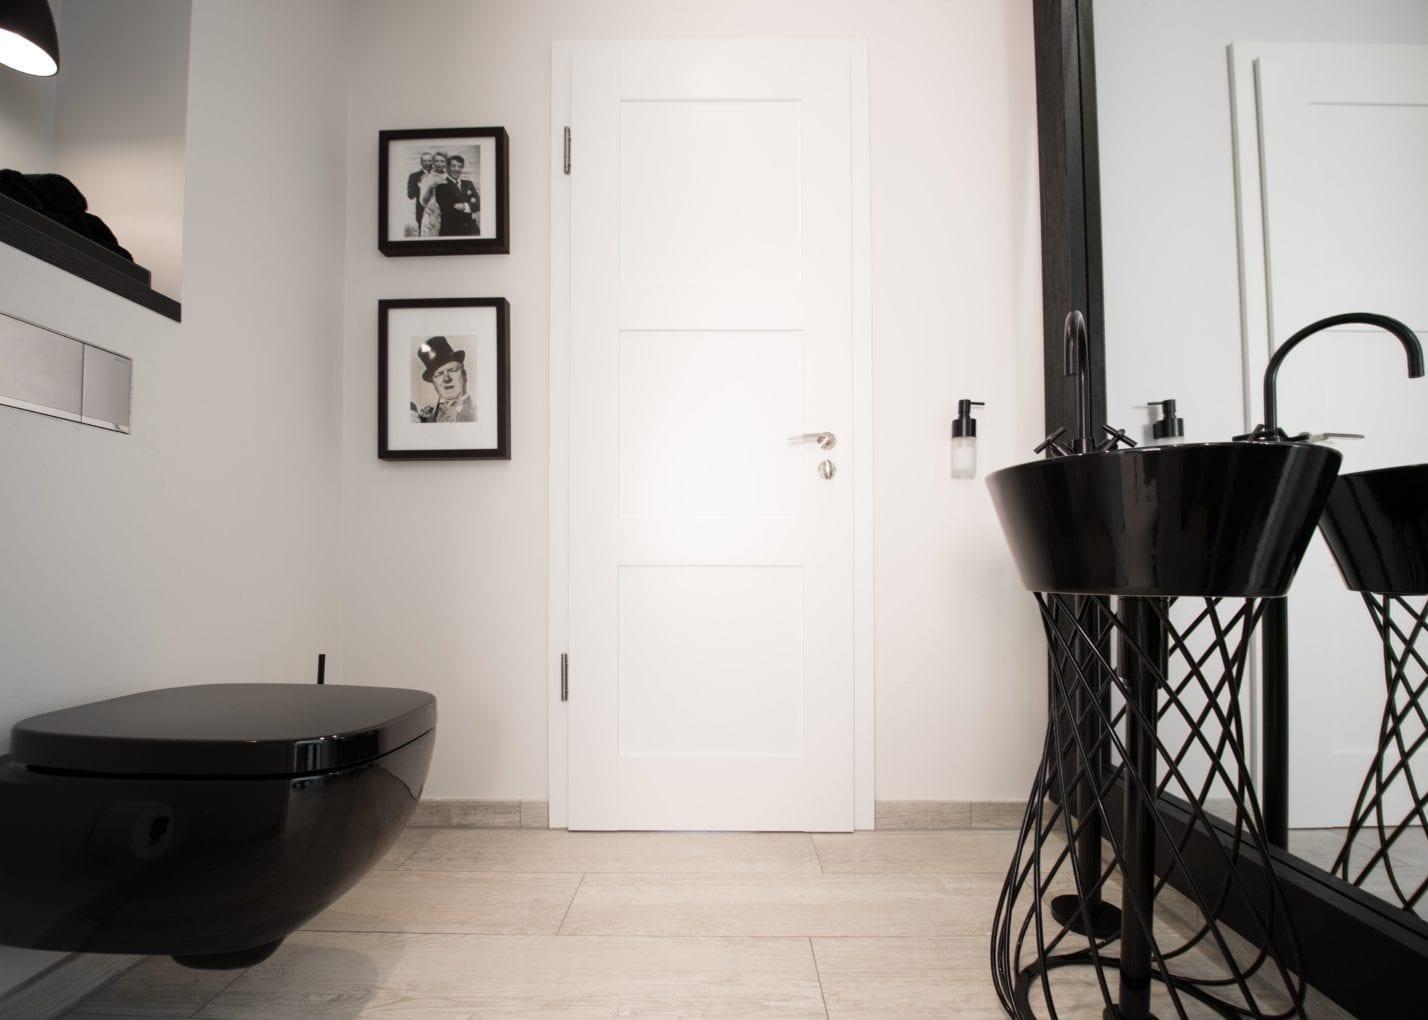 moderne badgestaltung mit schwarzer einrichtung, weißen wänden und spiegelwand mit schwarzem holzrahmen